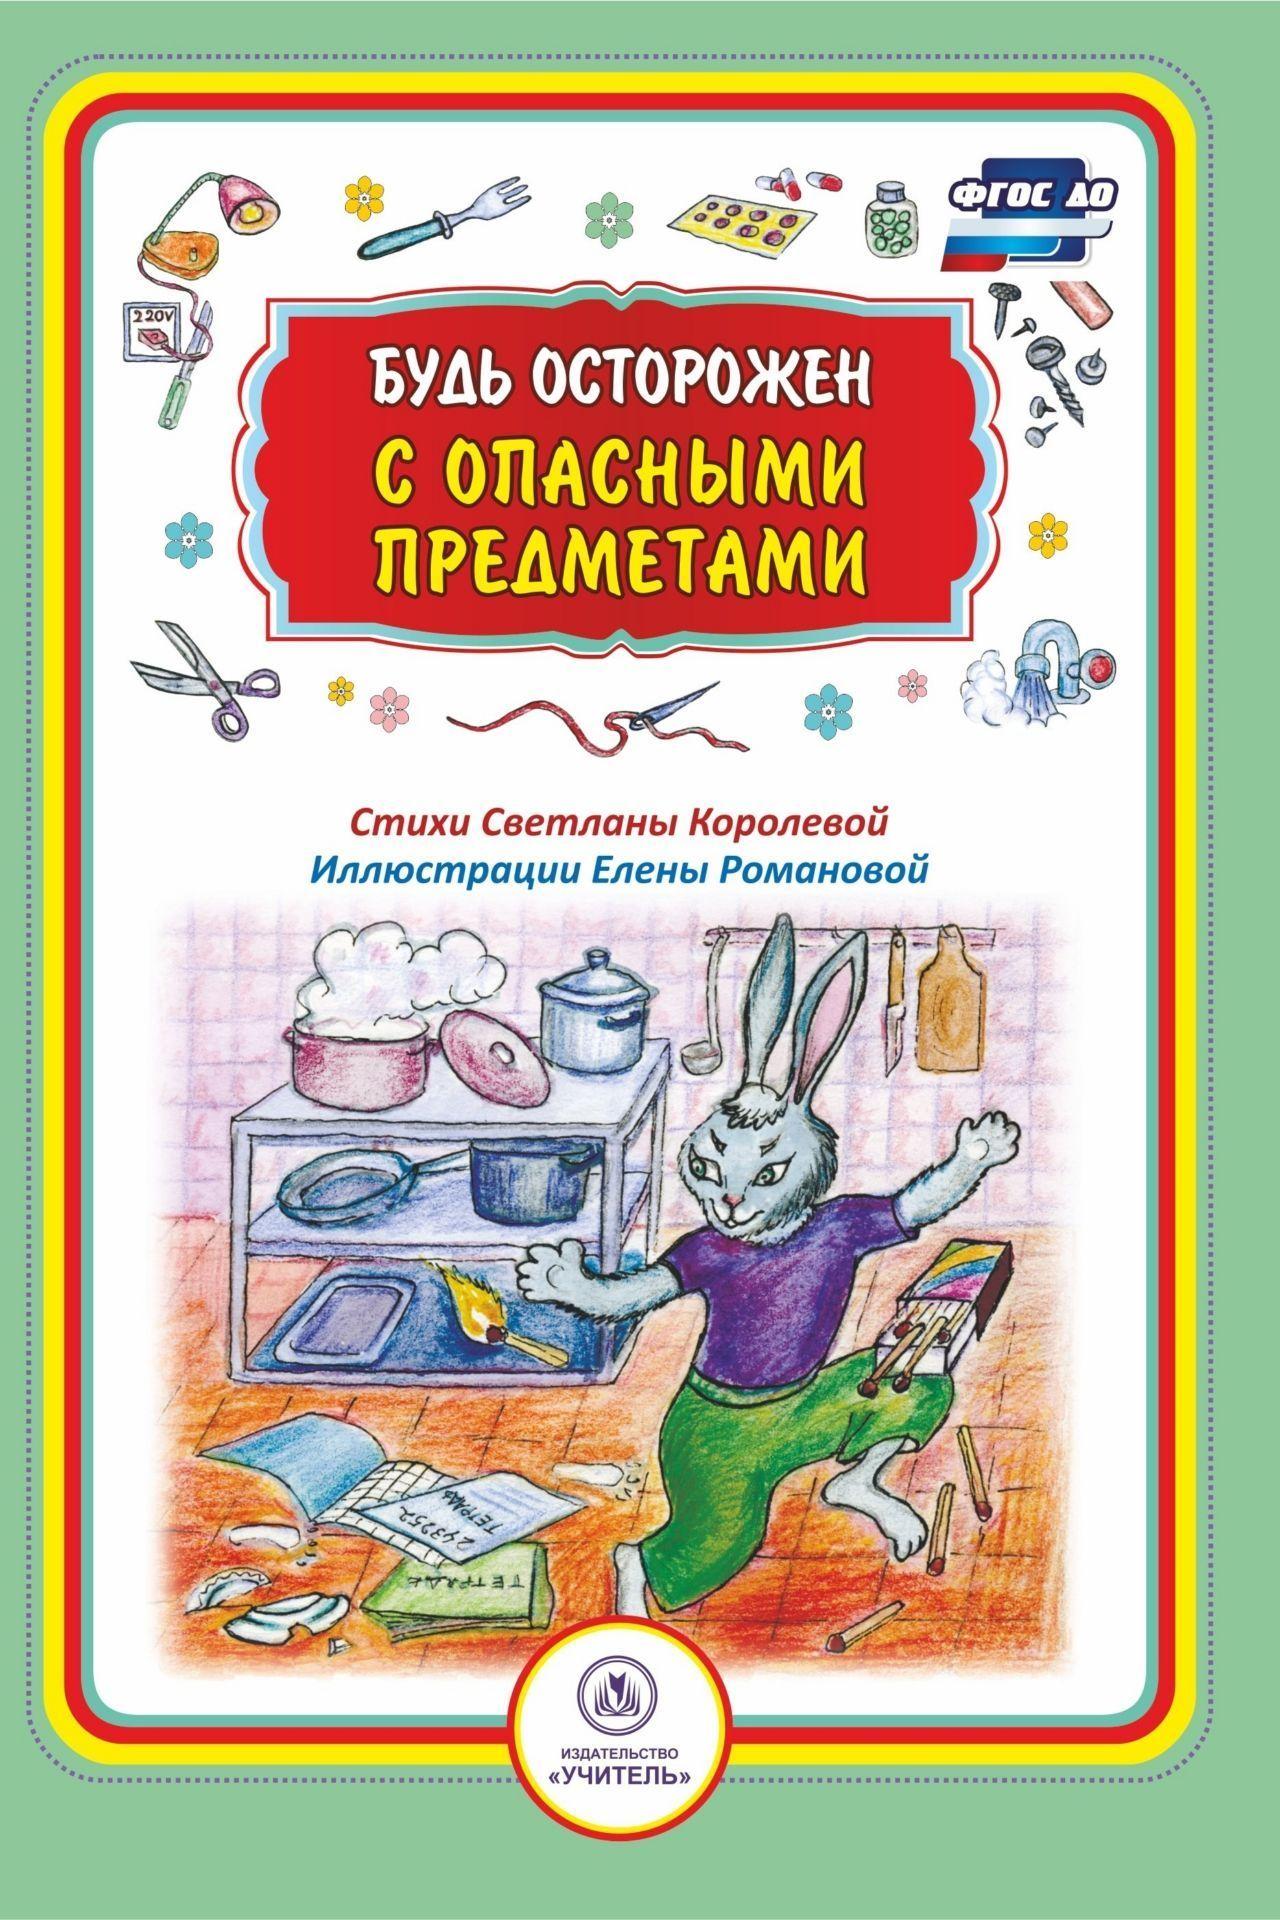 Будь осторожен с опасными предметами: стихи и развиващие заданиДетские книги<br>.<br><br>Авторы: Королева С.В.<br>Год: 2017<br>Сери: Безопасность малышей<br>ISBN: 978-5-7057-4082-6<br>Высота: 235<br>Ширина: 163<br>Переплёт: мгка, скрепка